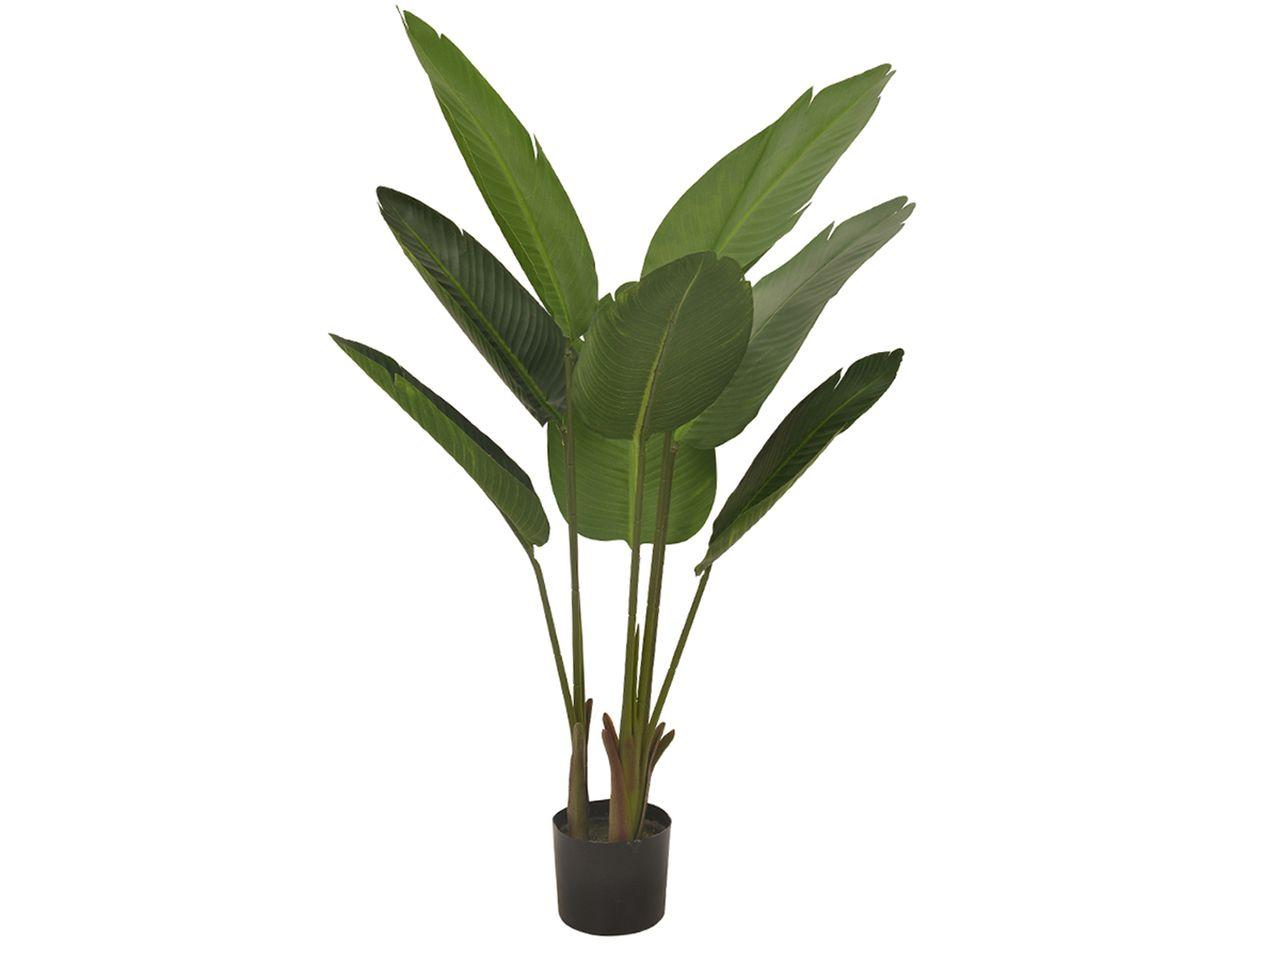 Árvore Artificial Bananeira Decorativa Permanente 1,20M